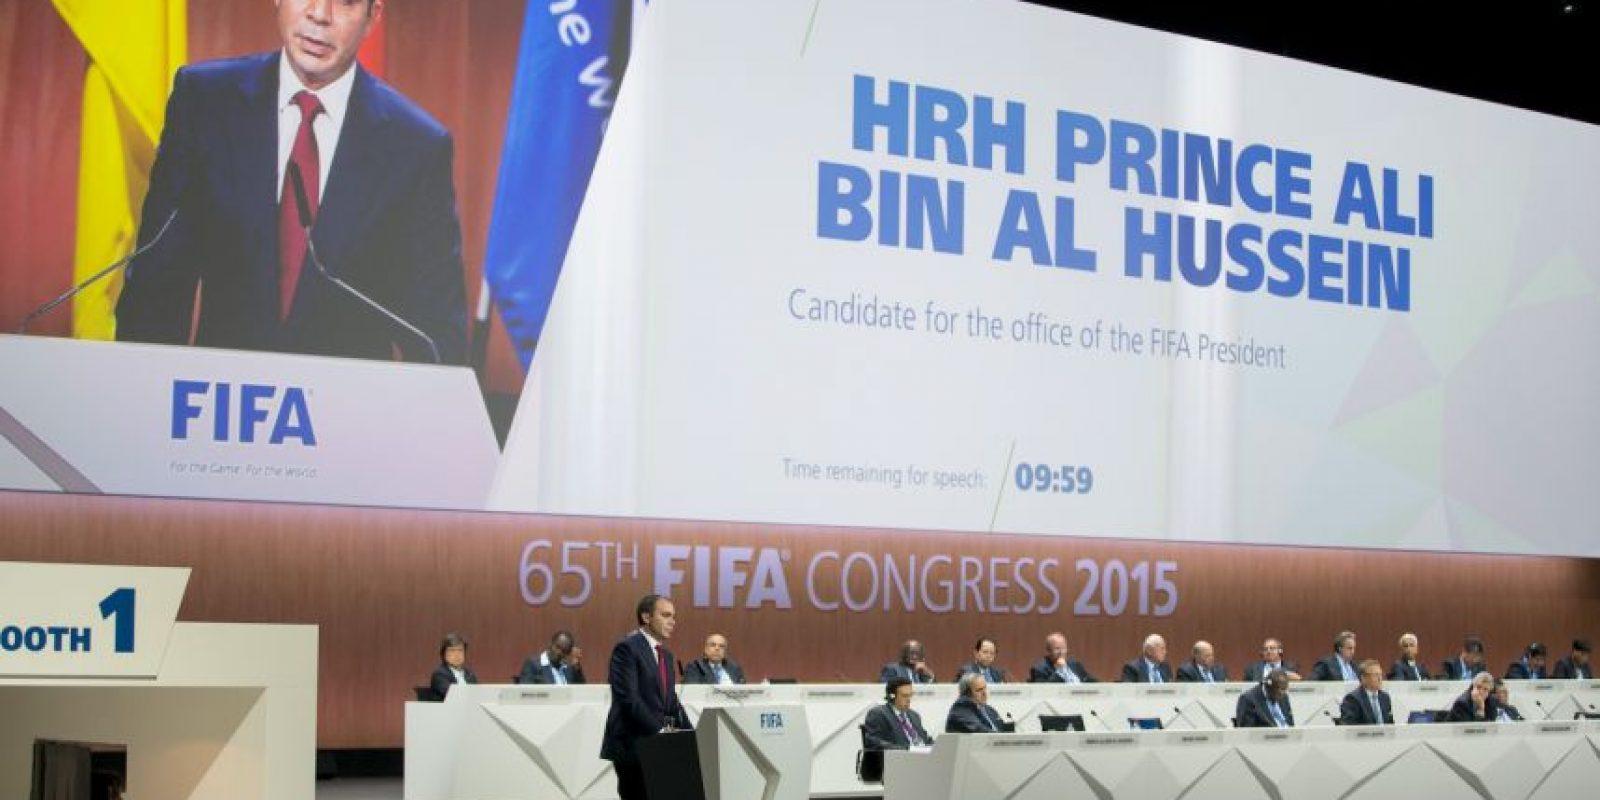 Príncipe Ali Bin Al-Hussein, candidato a la presidencia de la FIFA. Foto:Getty Images